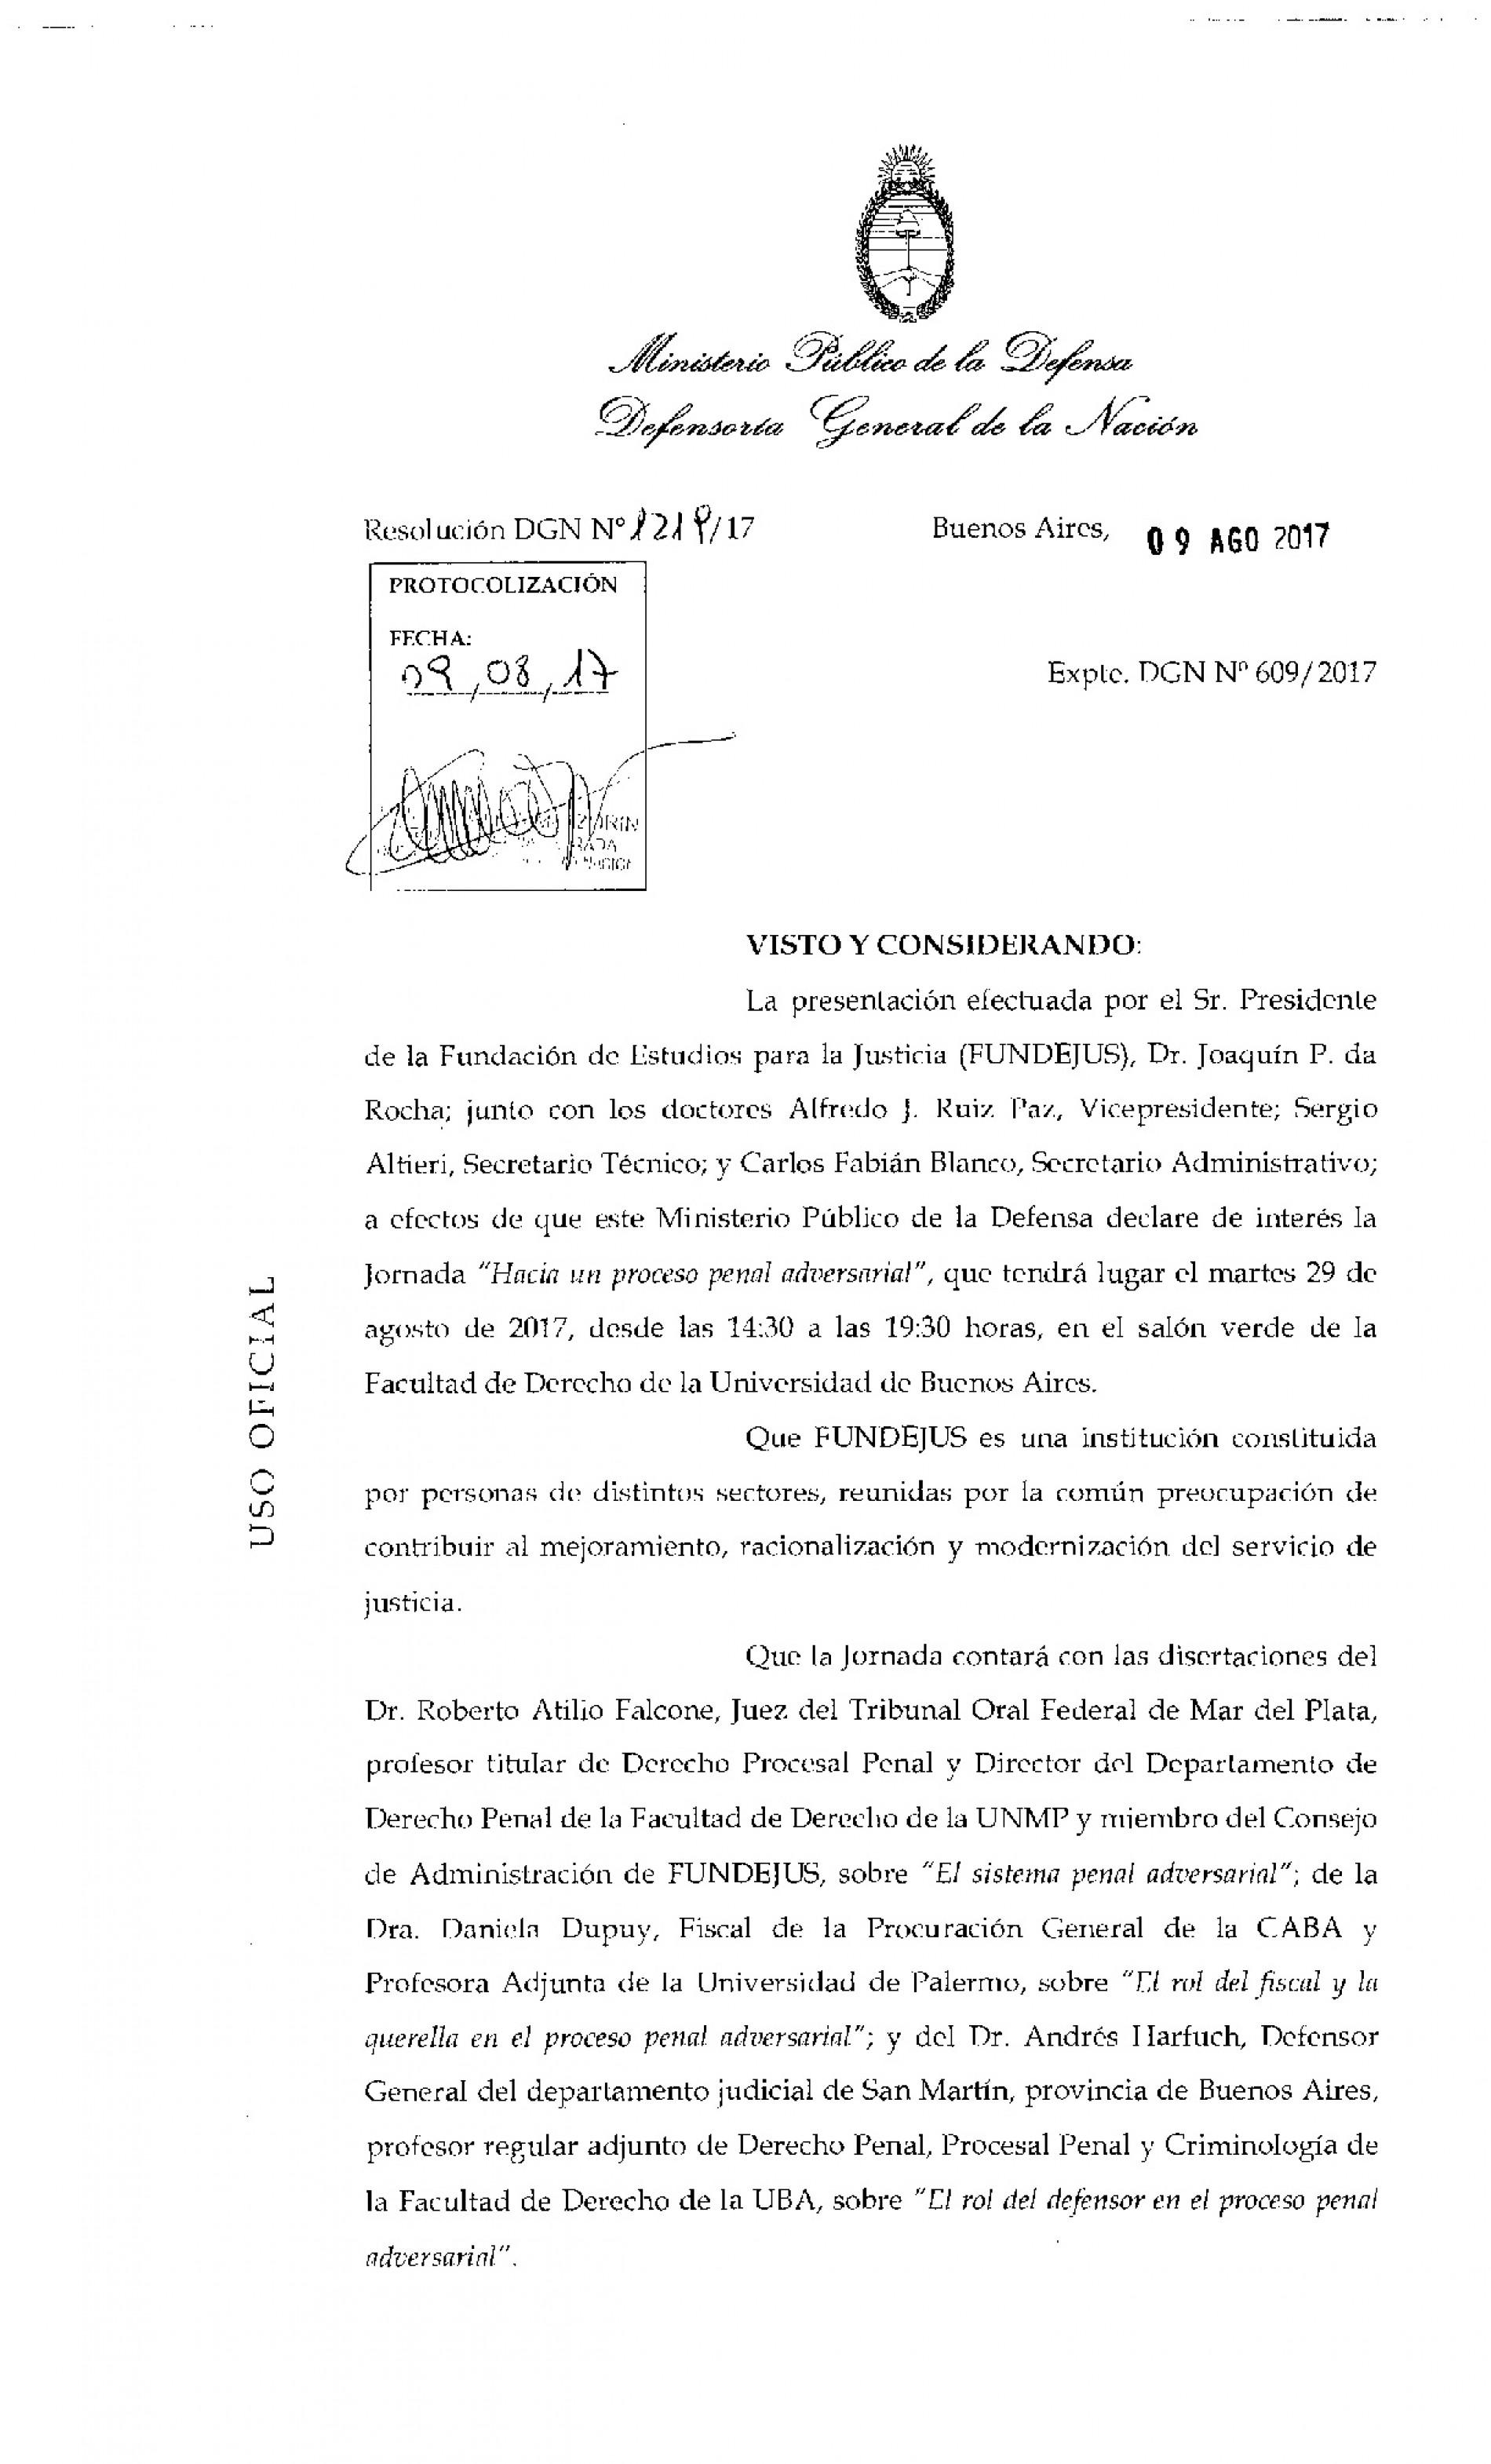 » Hacia un proceso penal adversarial «: Declaración de interés de la Defensoría General de la Nación